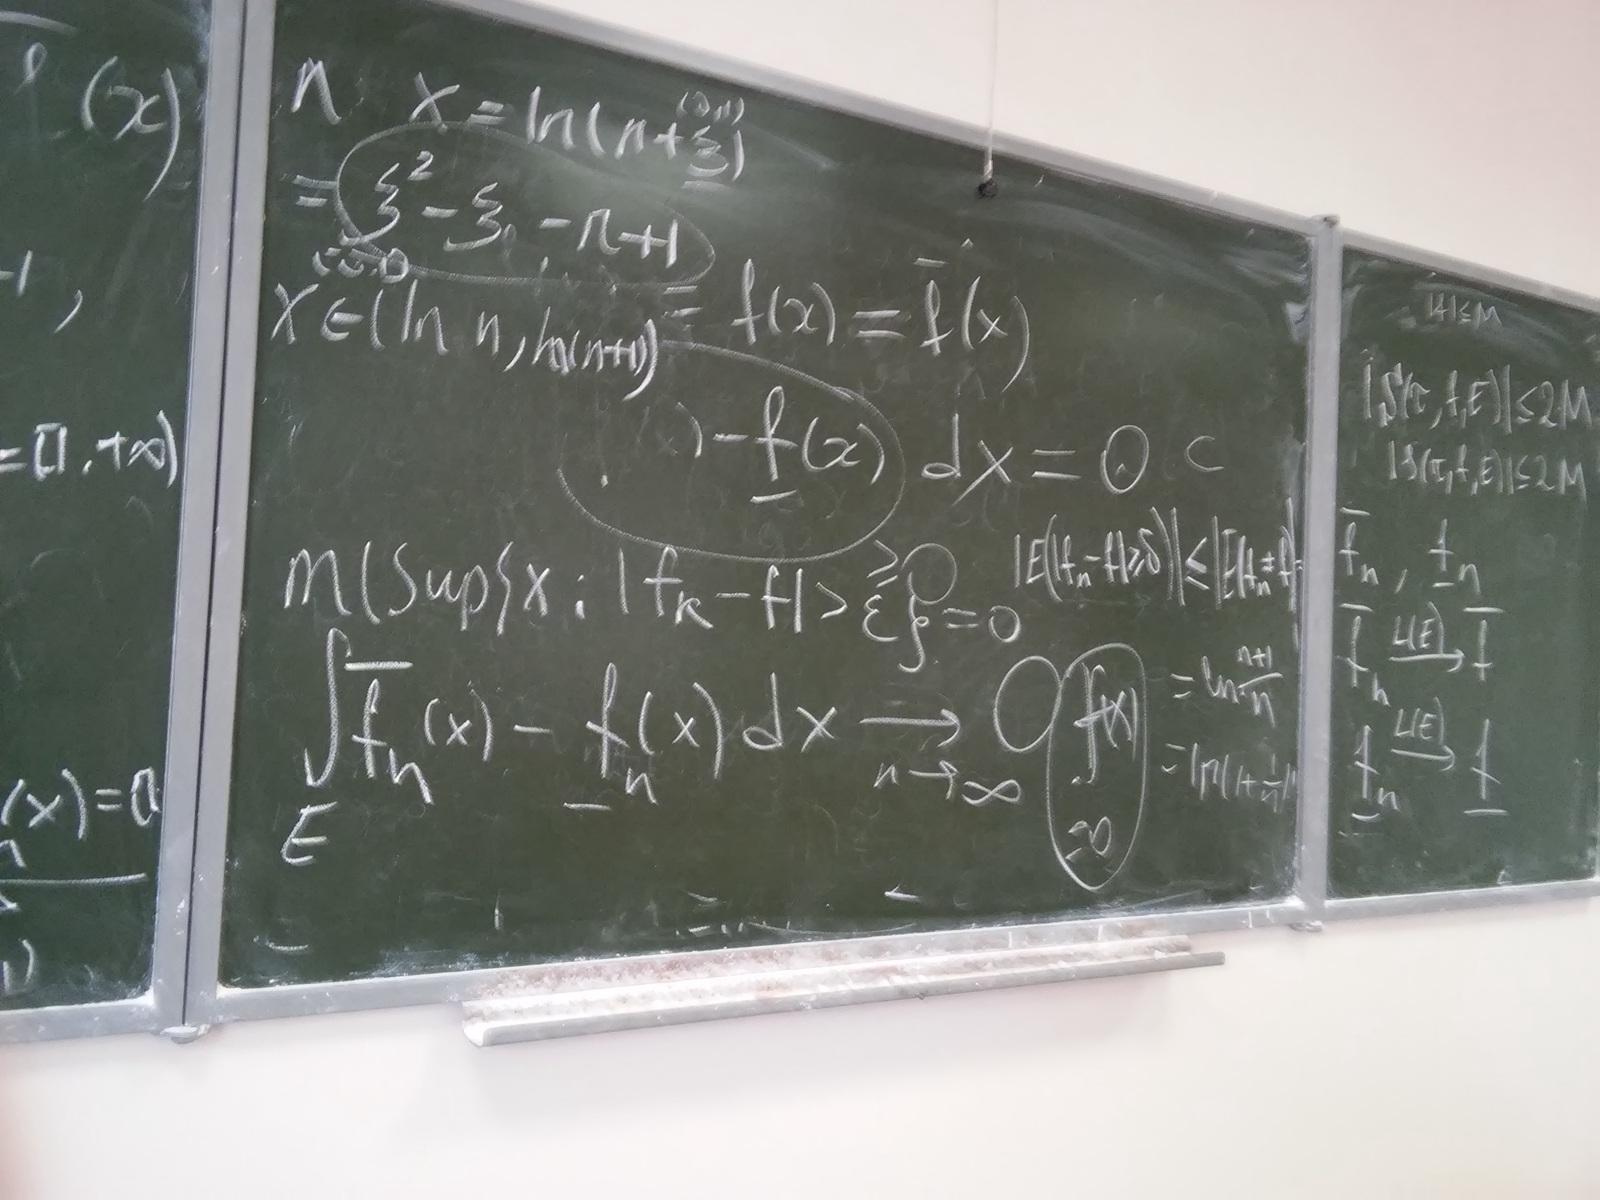 俄罗斯数学专业本科毕业需要学多少东西?插图2-小狮座俄罗斯留学